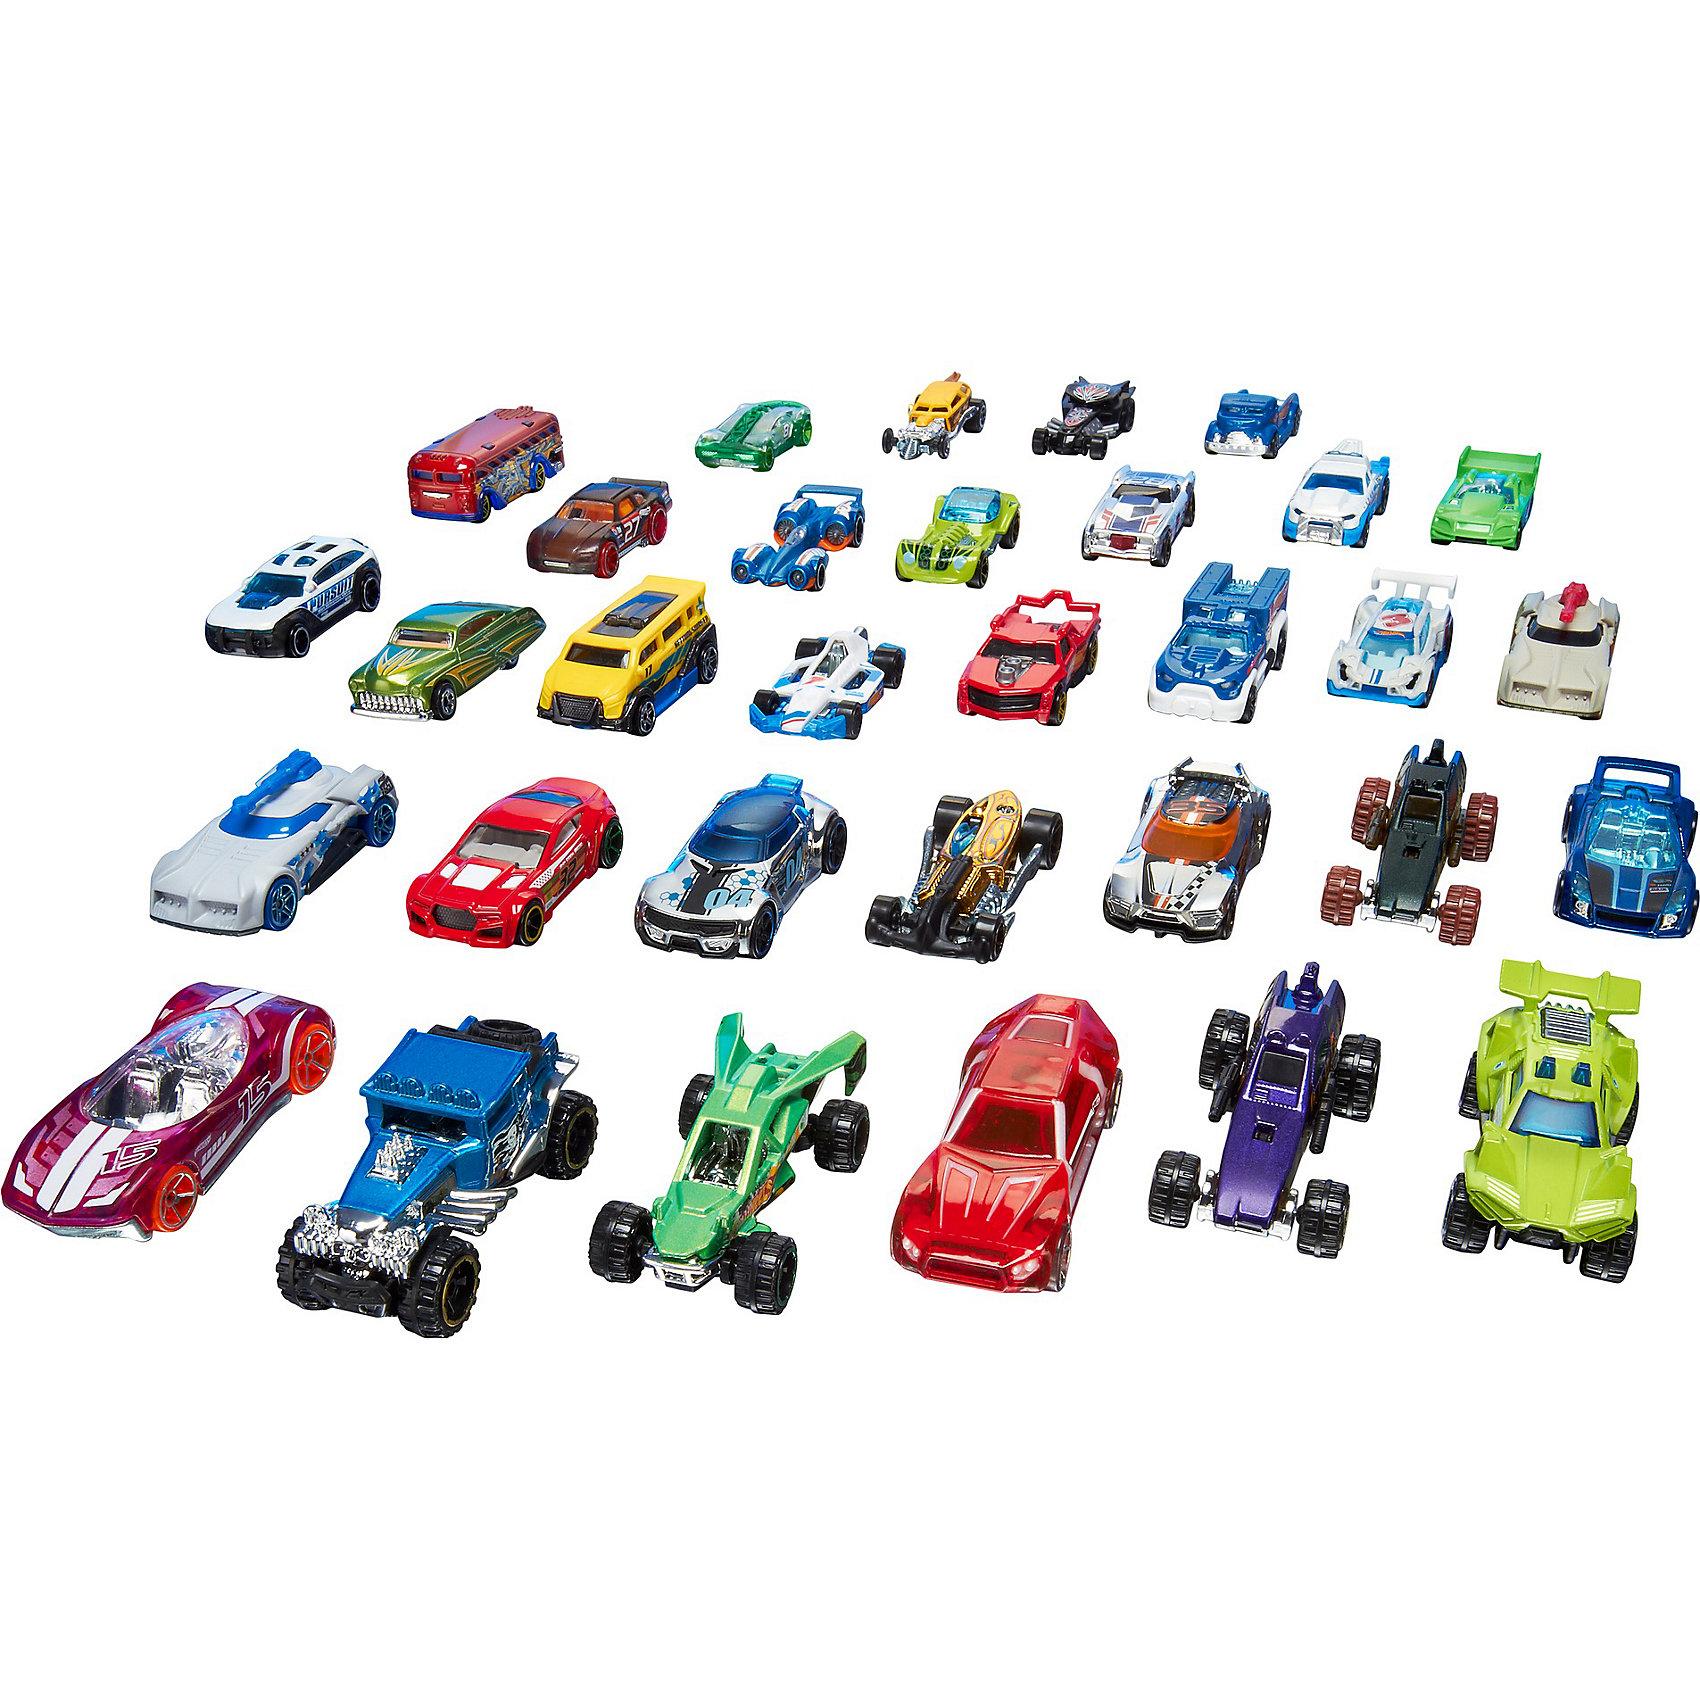 Базовые машинки (упаковка из 20-ти), Hot WheelsПопулярные игрушки<br>В этом невероятном наборе 20 автомобилей и в 20 раз больше веселья! Модели, выполненные в масштабе 1:64, придутся по вкусу как коллекционерам, так и обычным автолюбителям. В набор входят и новые модели, и авто-хиты прошлых лет. В наборы из 20 машин (продаются отдельно) входят гоночные и классические автомобили, а также ни на что не похожие багги, хот-роды, Hot Wheels Originals и многое другое.<br><br>Дополнительная информация:<br><br>- Материал: пластик, металл.<br>- 20 машинок в комплекте.<br>- Масштаб: 1:64<br>- Наборы в ассортименте.<br><br>ВНИМАНИЕ! Данный артикул представлен в разных вариантах исполнения. К сожалению, заранее выбрать определенный вариант невозможно. При заказе нескольких наборов, возможно получение одинаковых.<br><br>Базовые машинки (упаковка из 20-ти), Hot Wheels (Хот Вилс), можно купить в нашем магазине.<br><br>Ширина мм: 40<br>Глубина мм: 465<br>Высота мм: 220<br>Вес г: 1000<br>Возраст от месяцев: 36<br>Возраст до месяцев: 84<br>Пол: Мужской<br>Возраст: Детский<br>SKU: 4500810